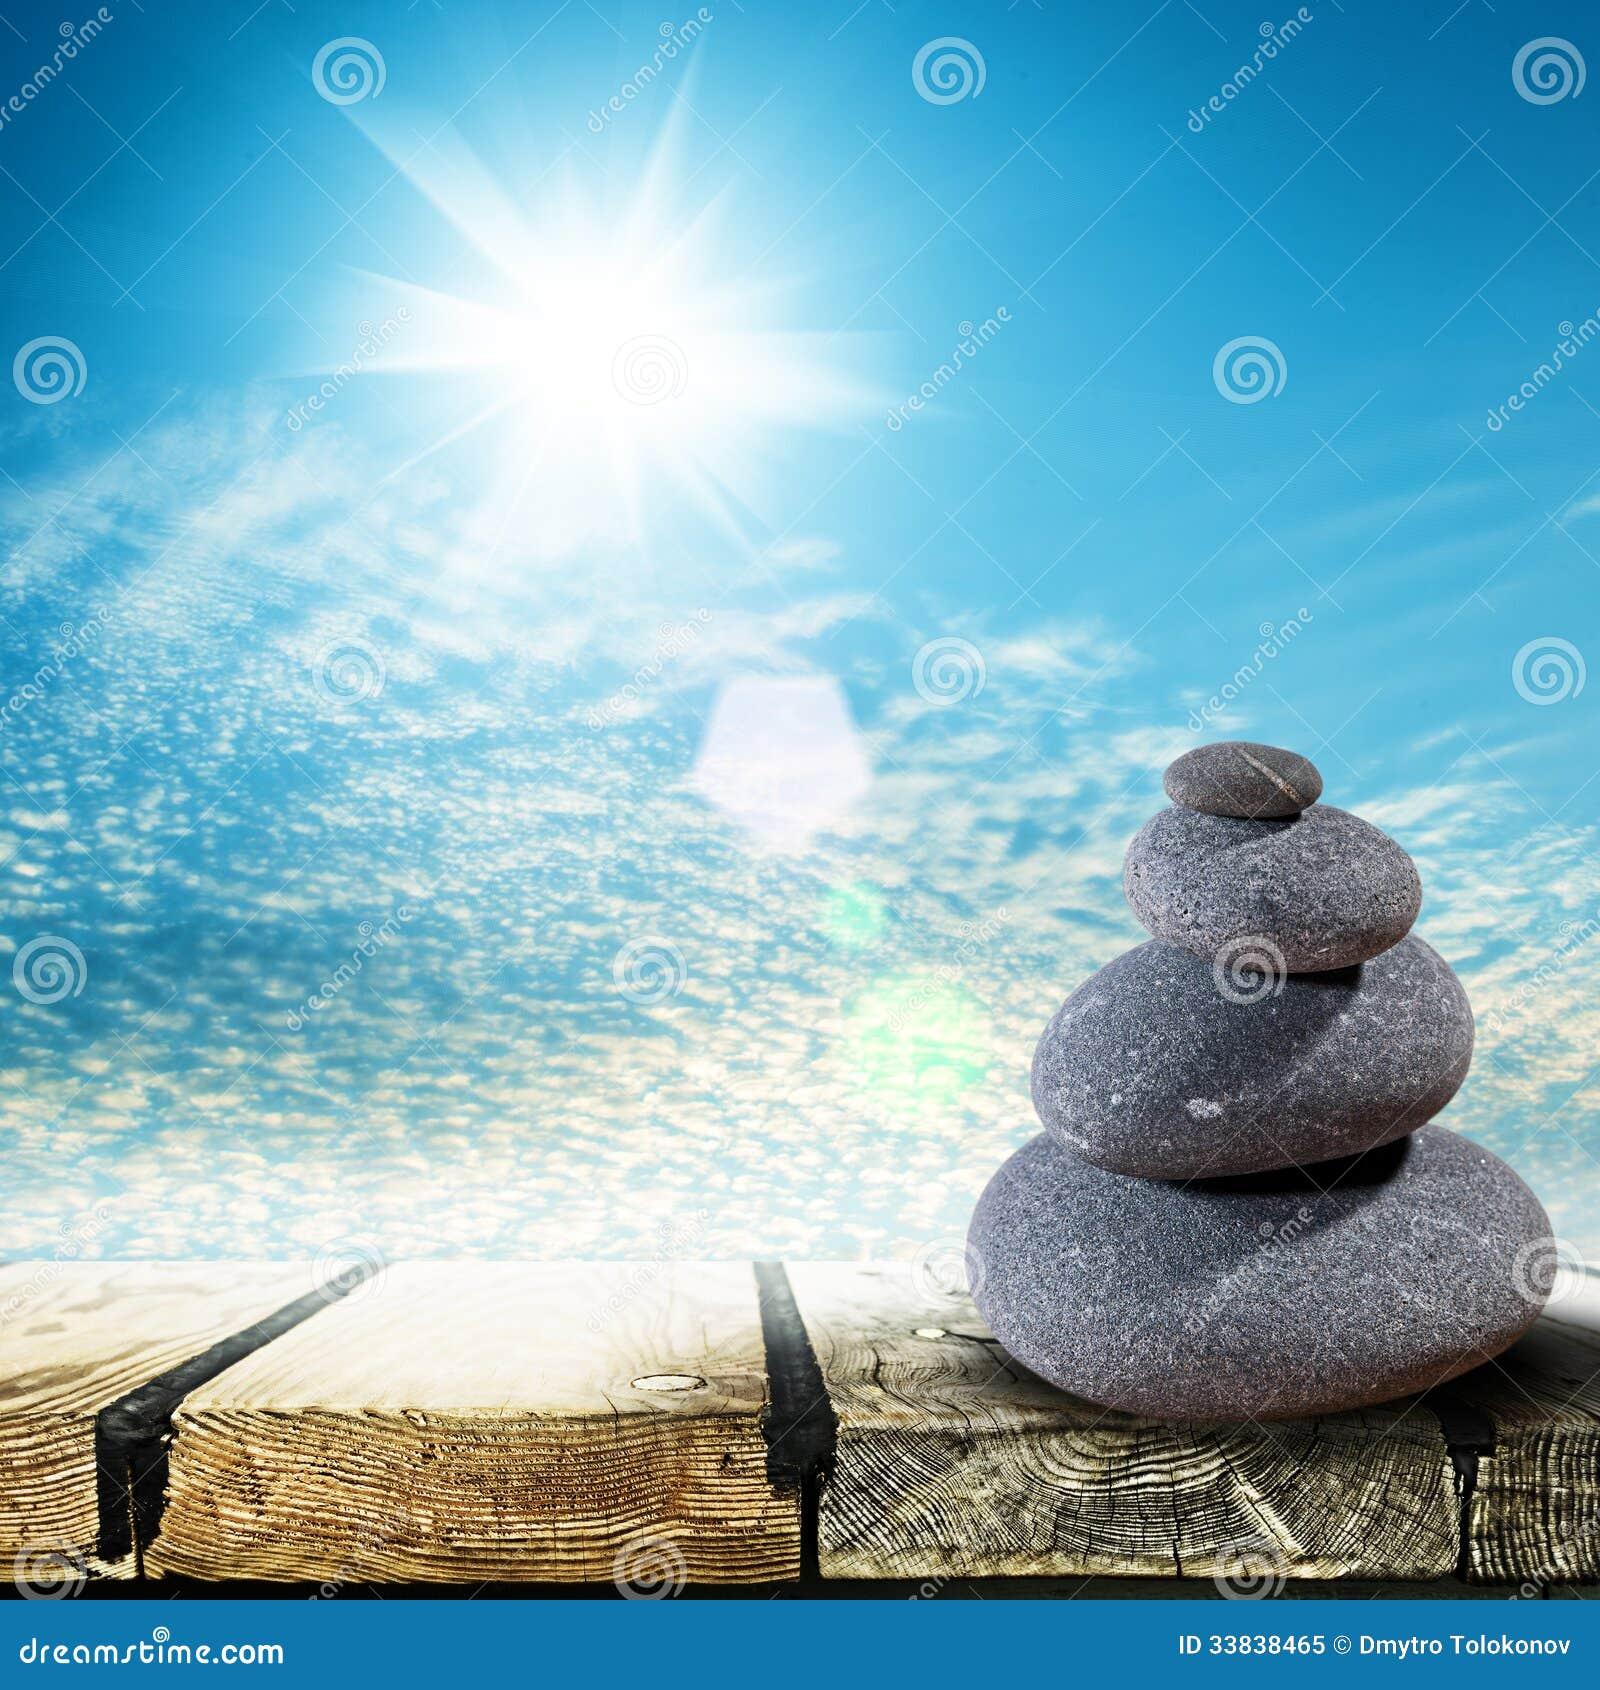 Zen Stones over wooden desk